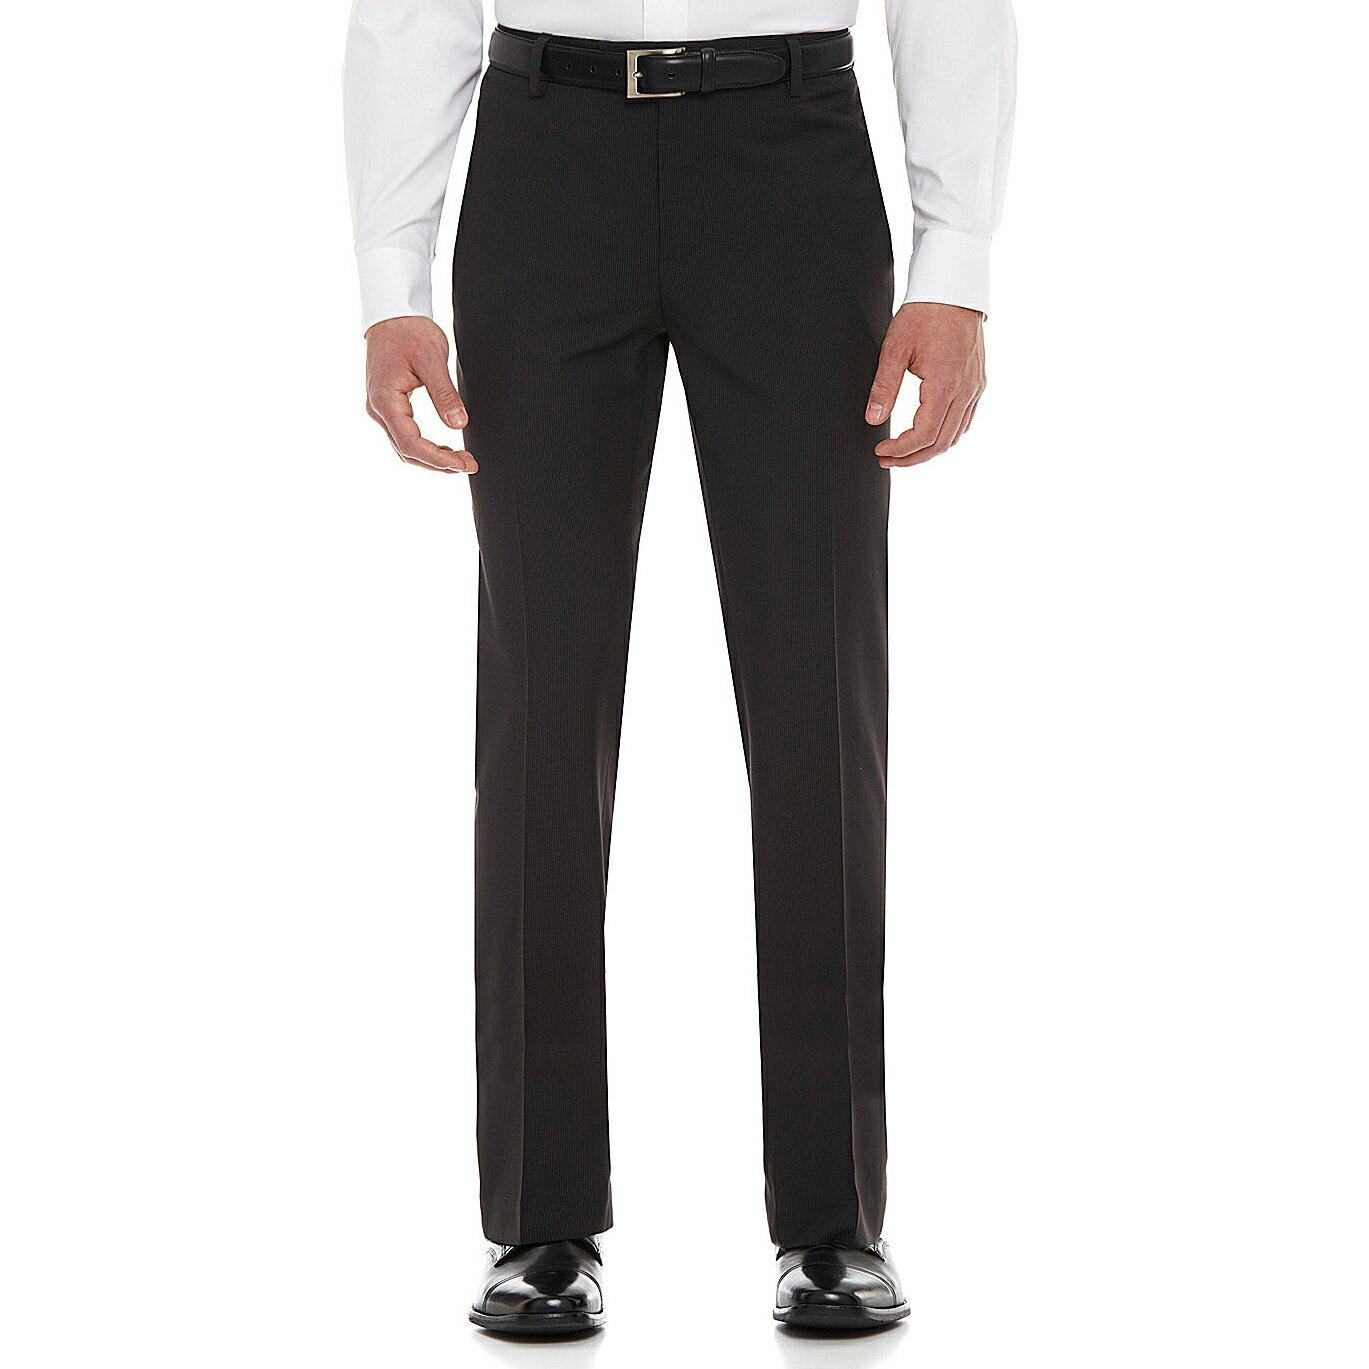 美國百分百【全新真品】Kenneth Cole 長褲 KC 西裝褲 直筒褲 上班 休閒 合身 黑 條紋 34腰 E311